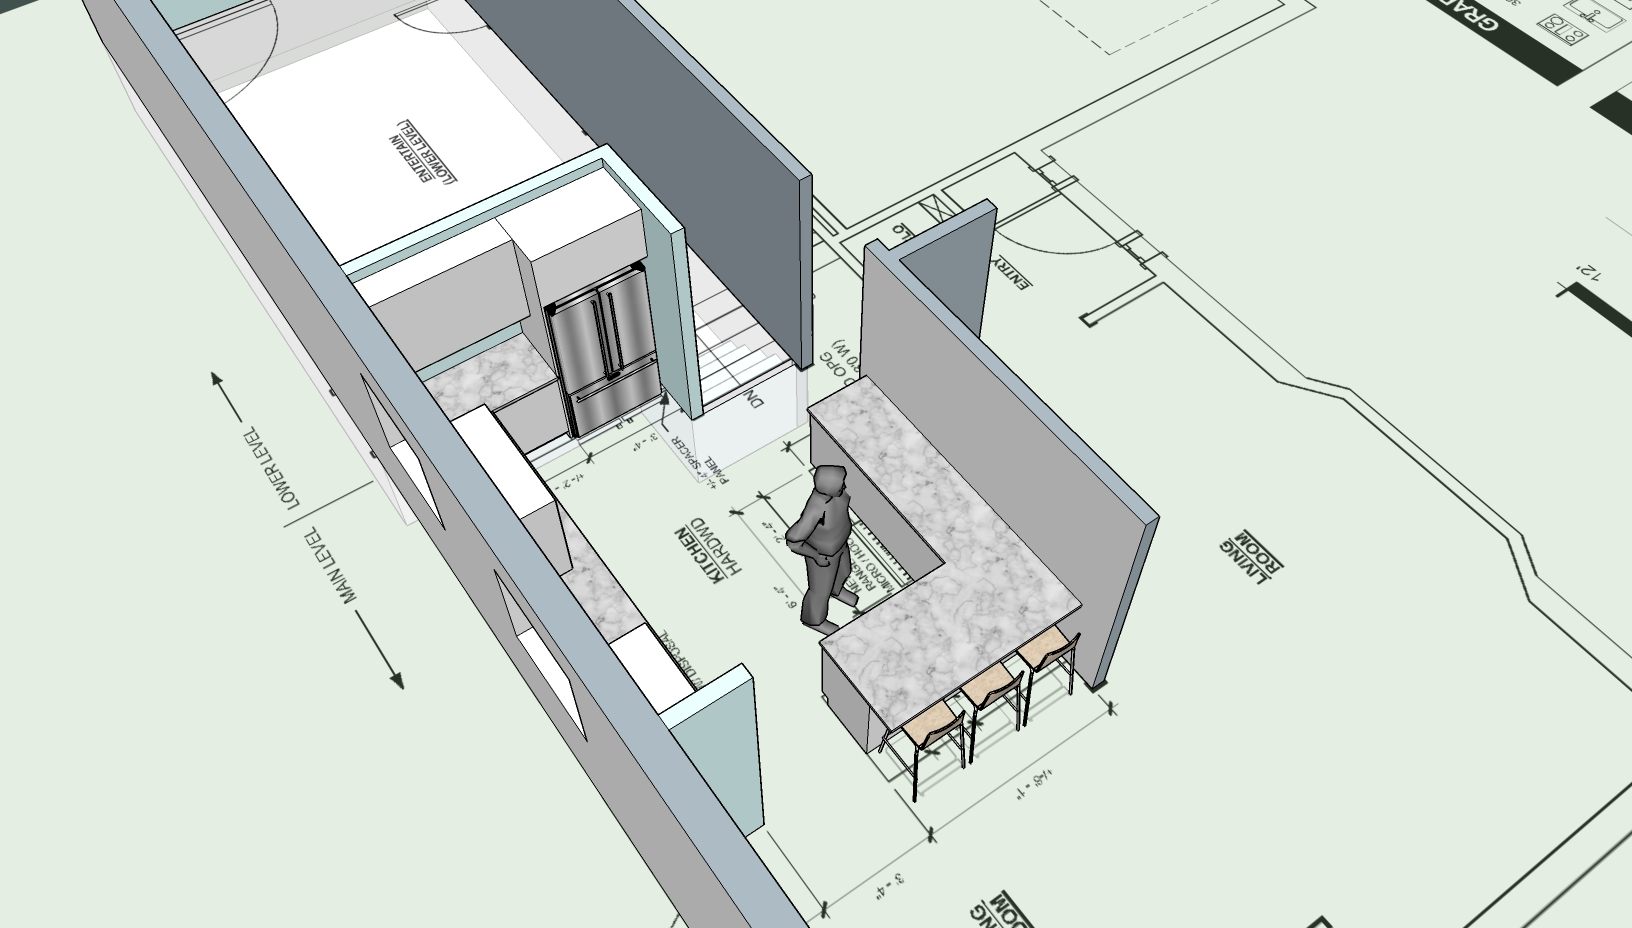 Kitchen Sketch - 2